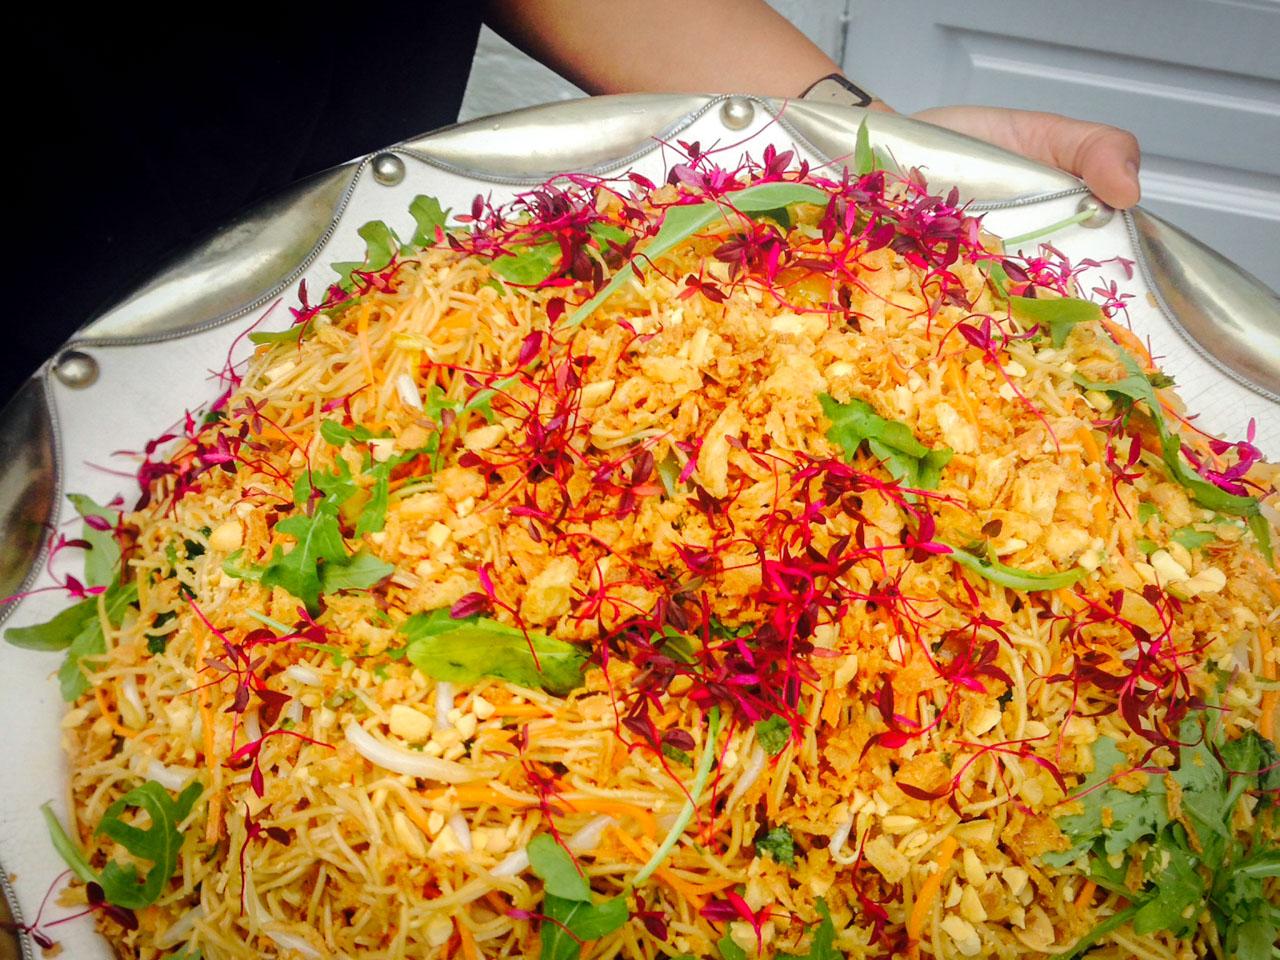 Herby noodle salad